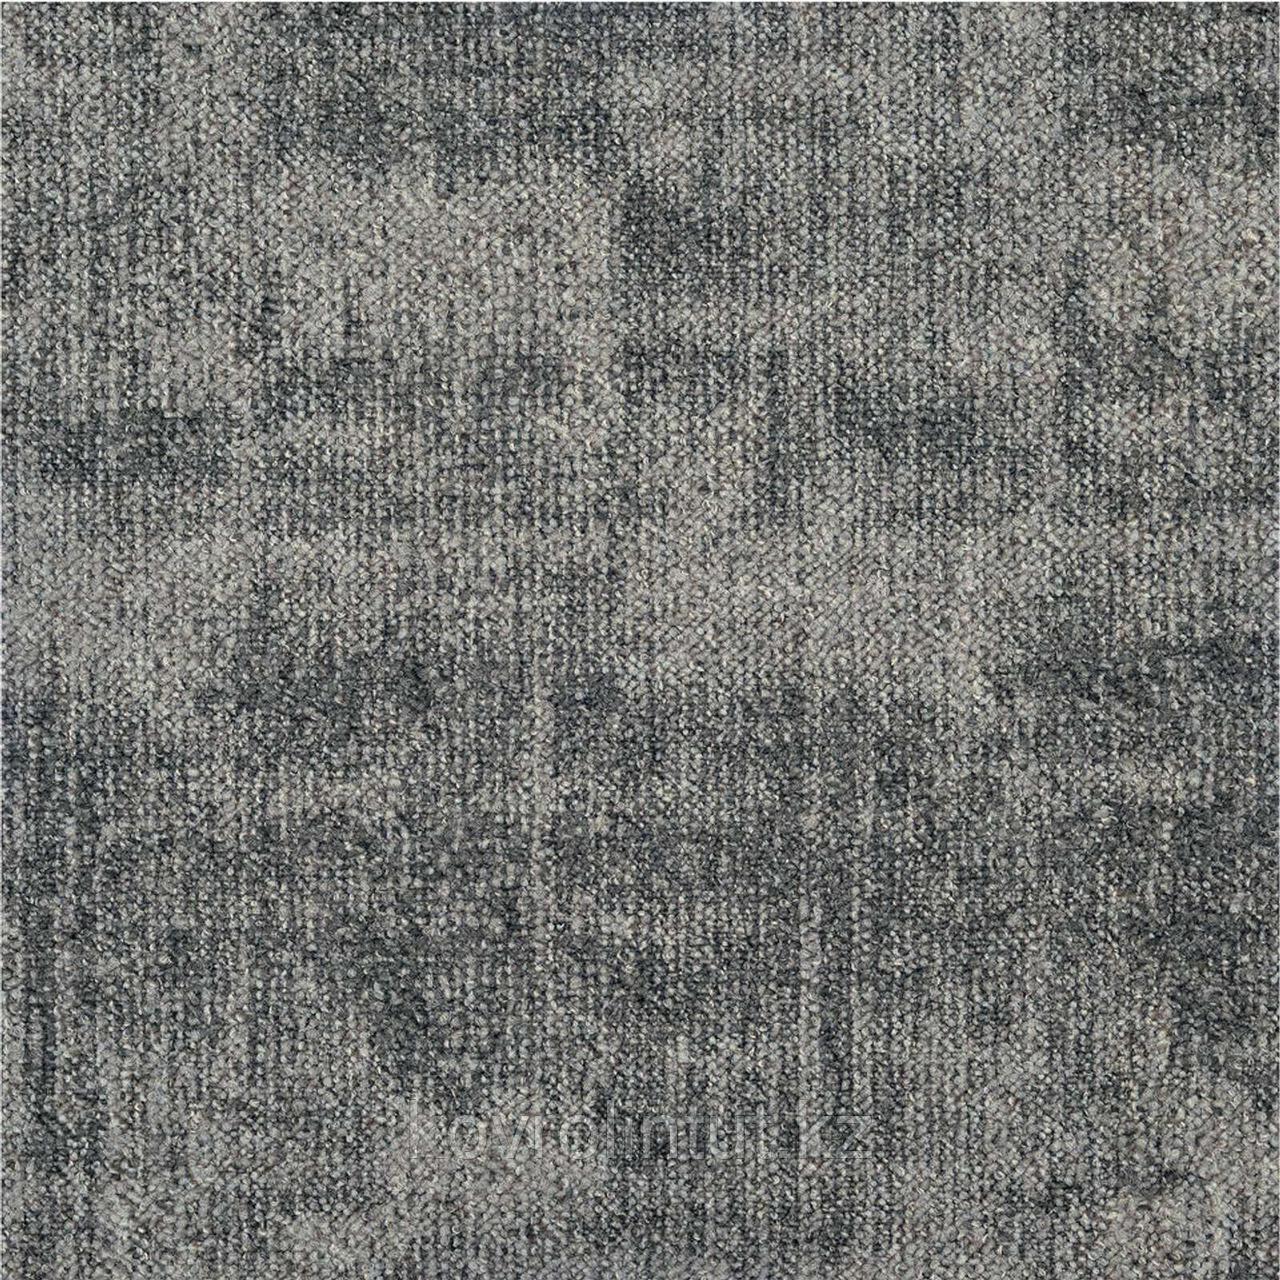 Плитка ковровая Tarkett Domino 316-93 6,5мм (20шт/5м2) 500х500мм 650957001